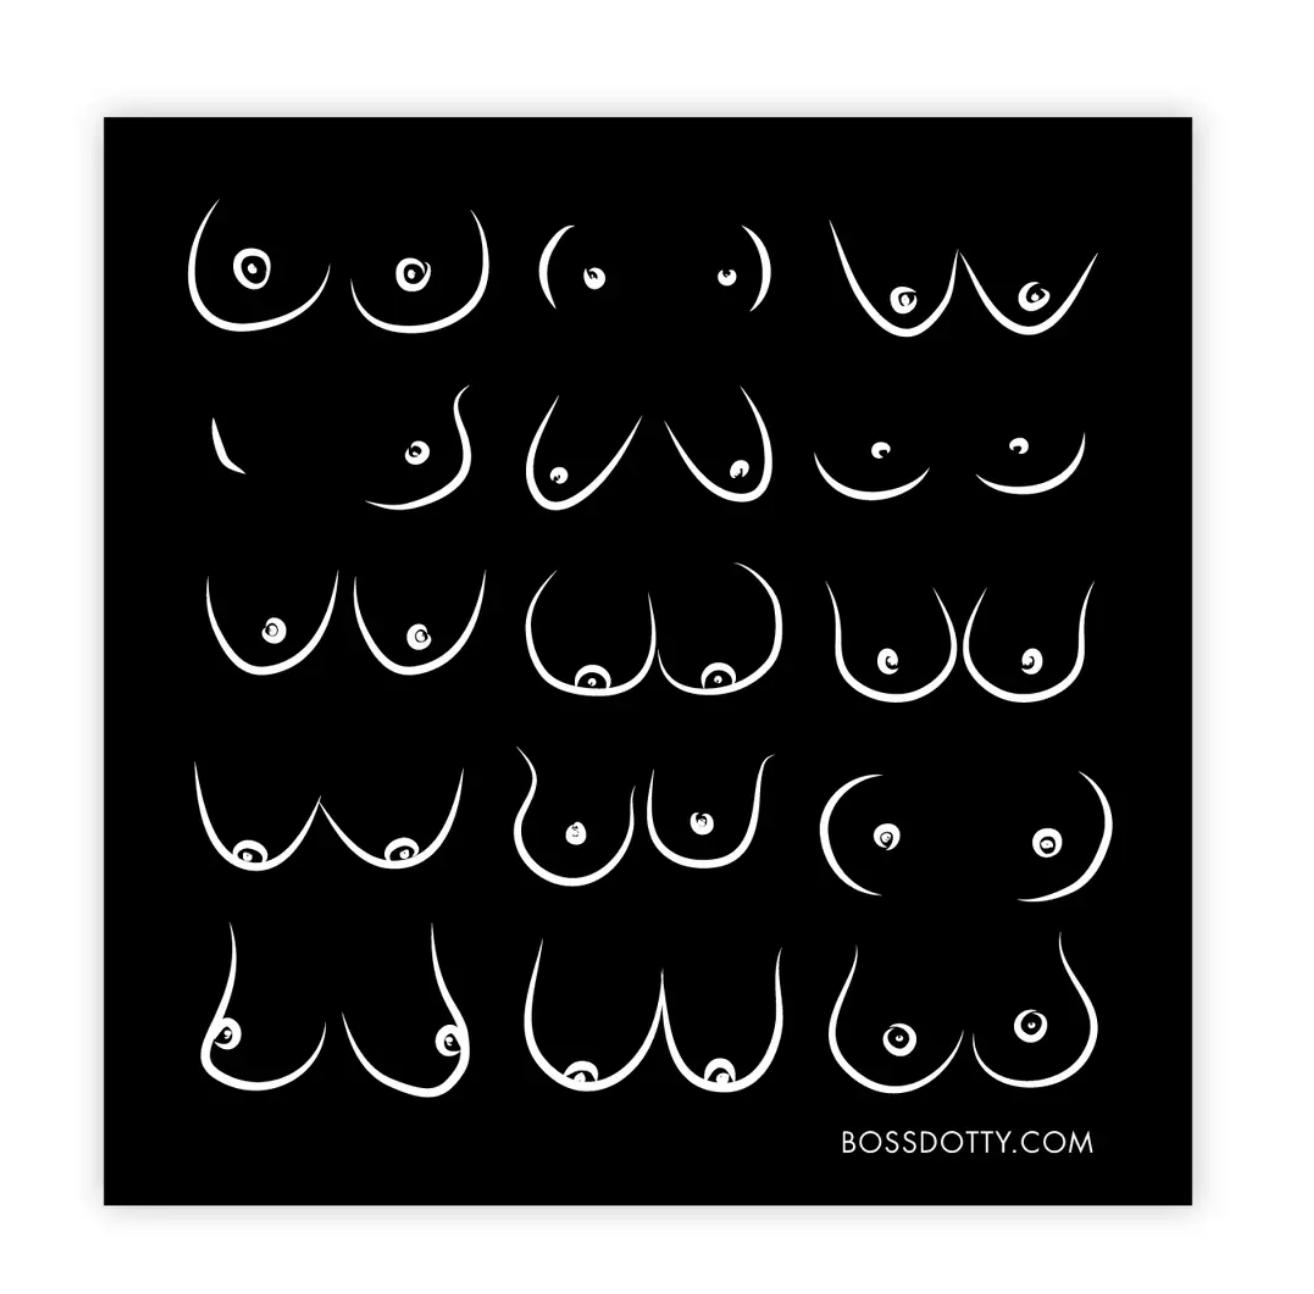 Boss Dotty Boobs Sticker